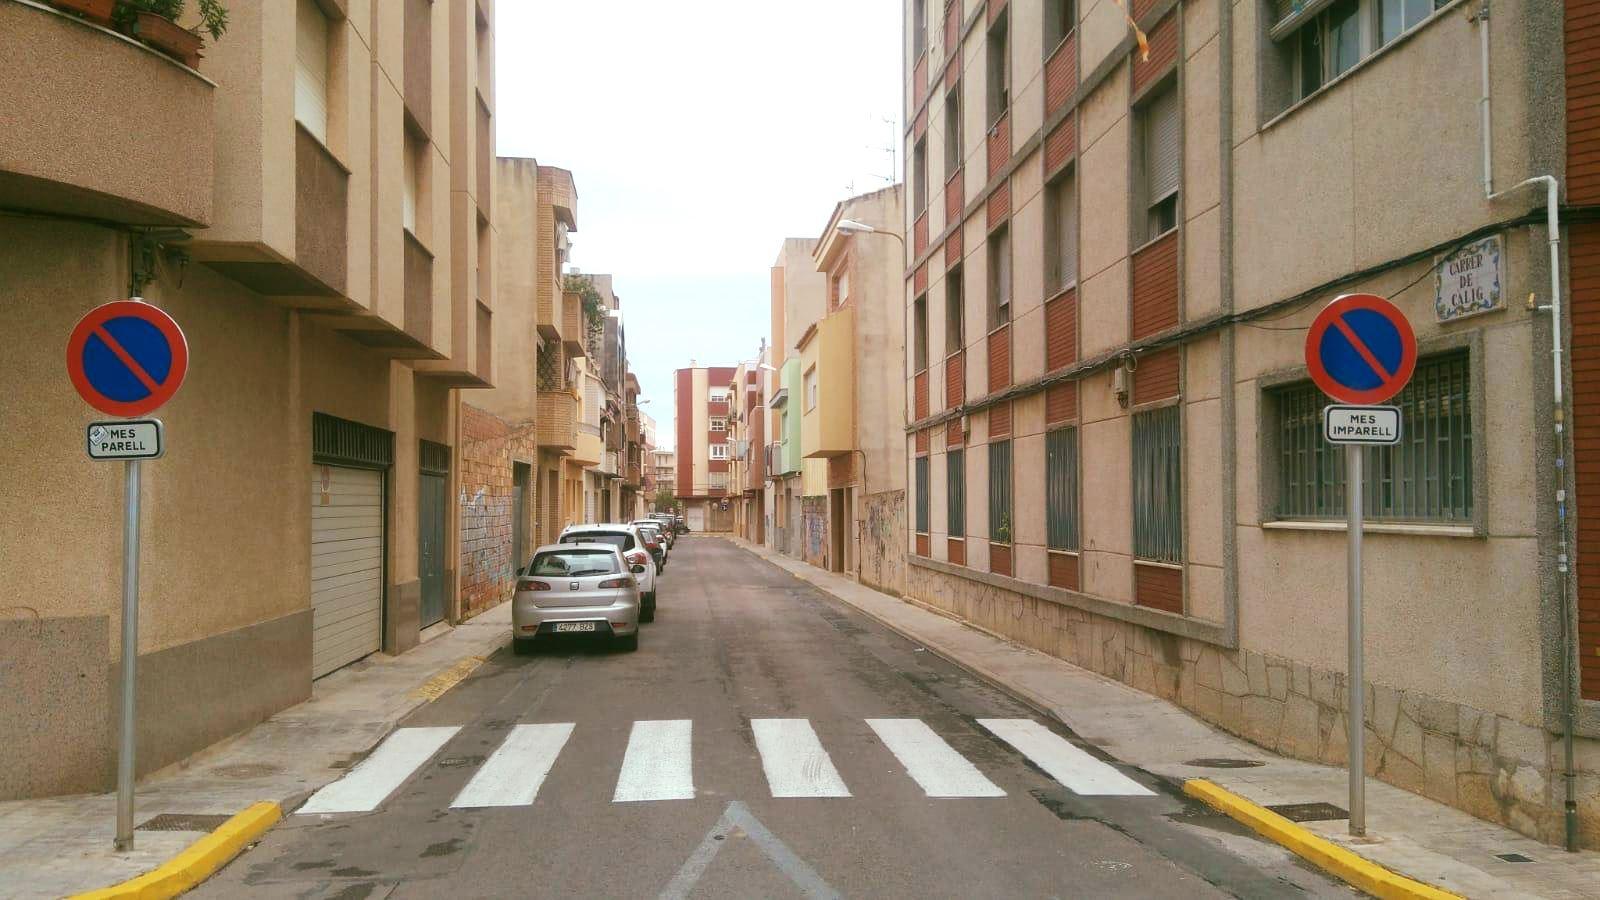 L'Ajuntament de Benicarló informa que s'ha desactivat l'alternança mensual d'aparcament al carrer